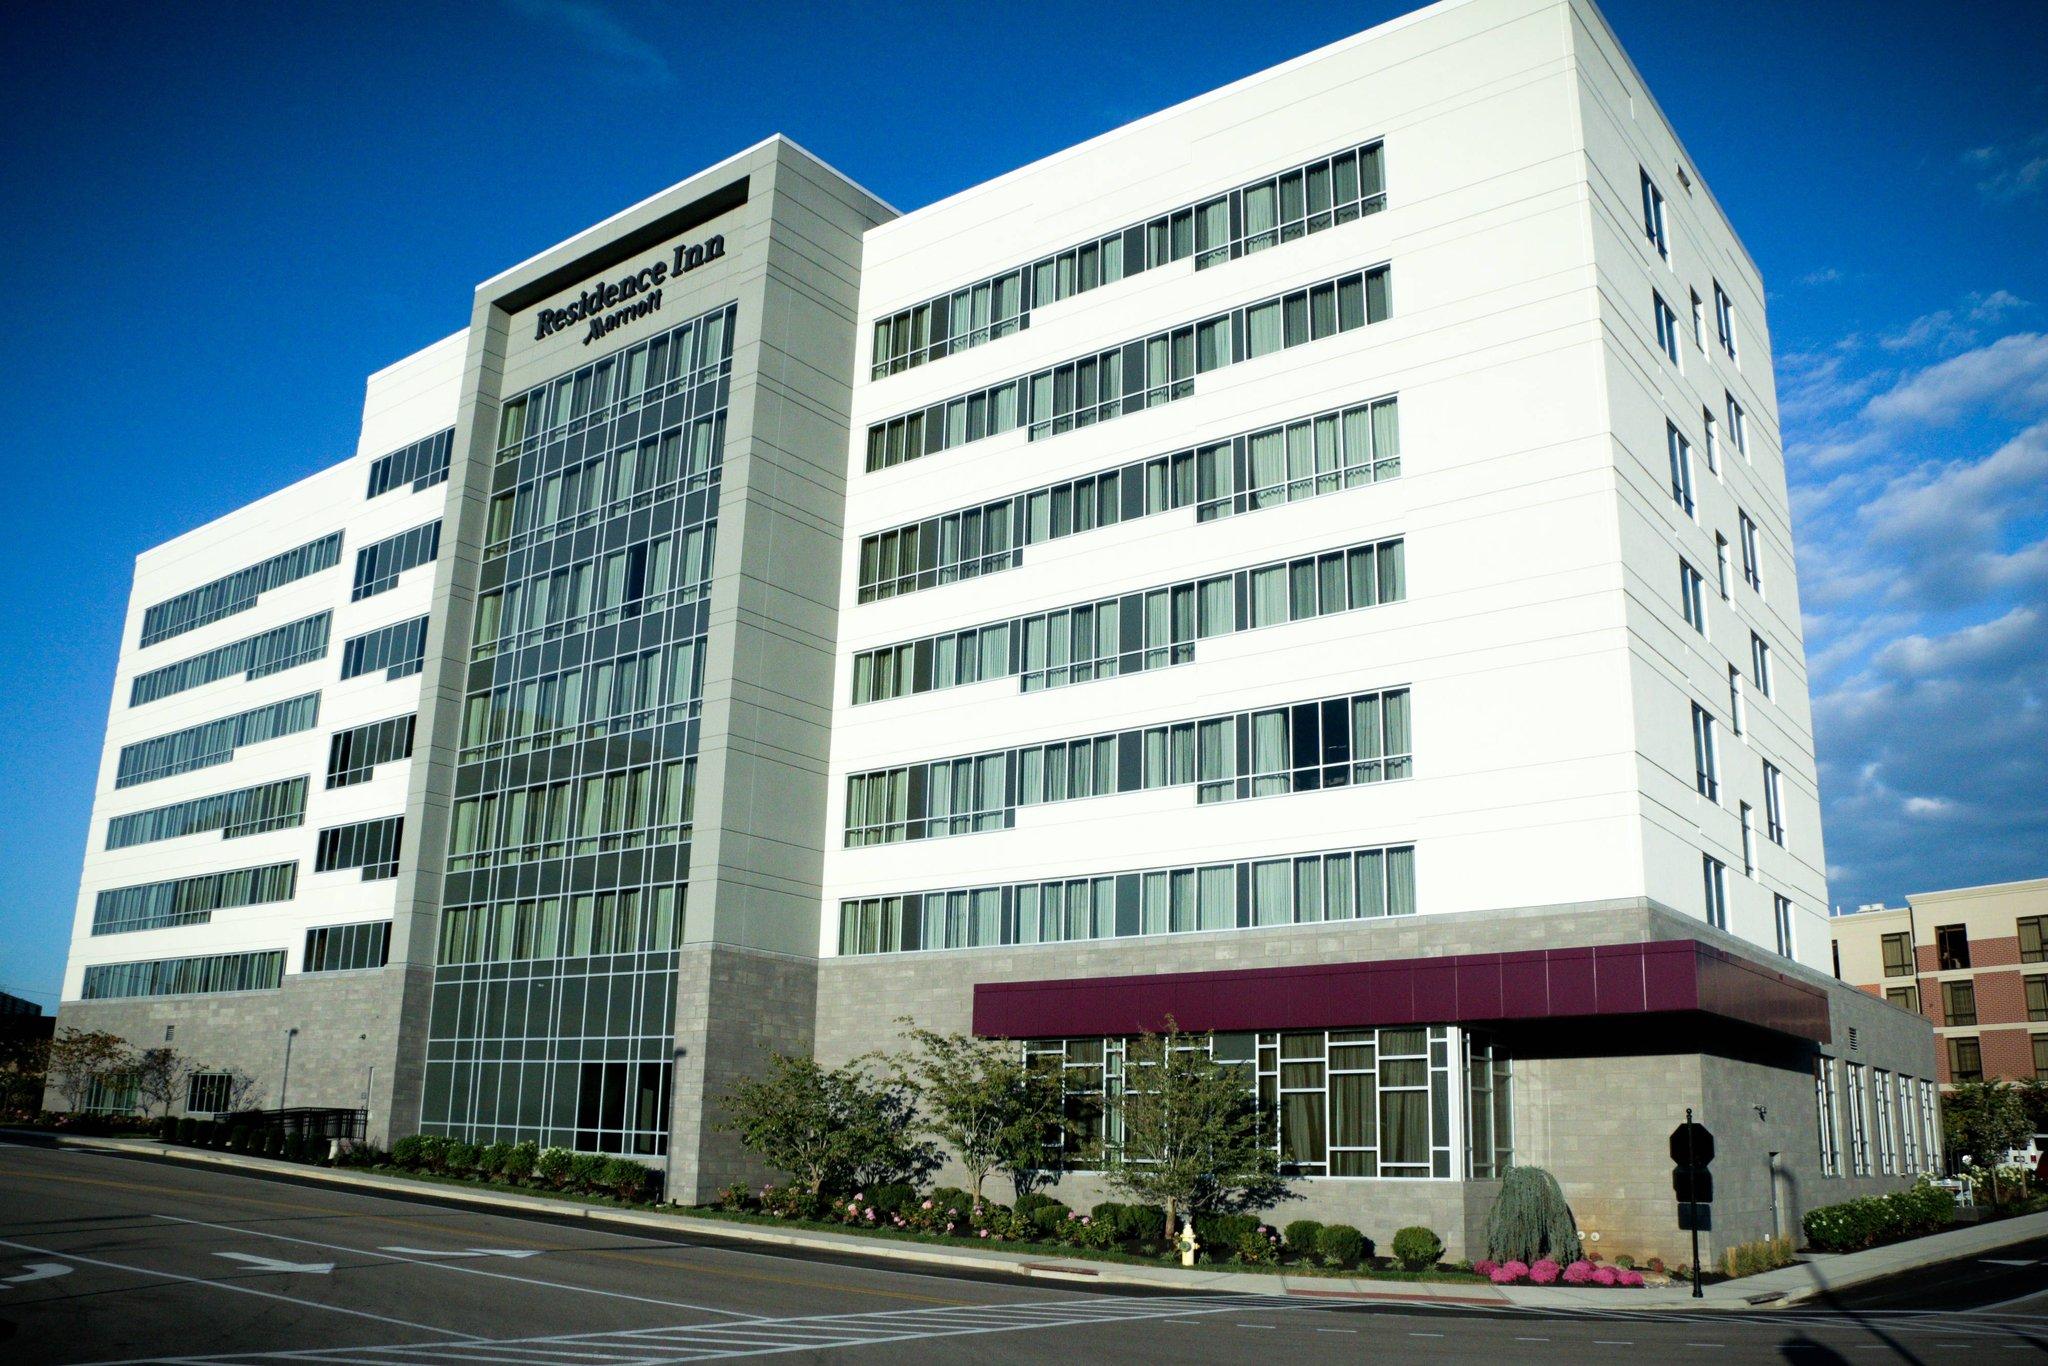 Residence Inn Cincinnati Midtown/Rookwoo